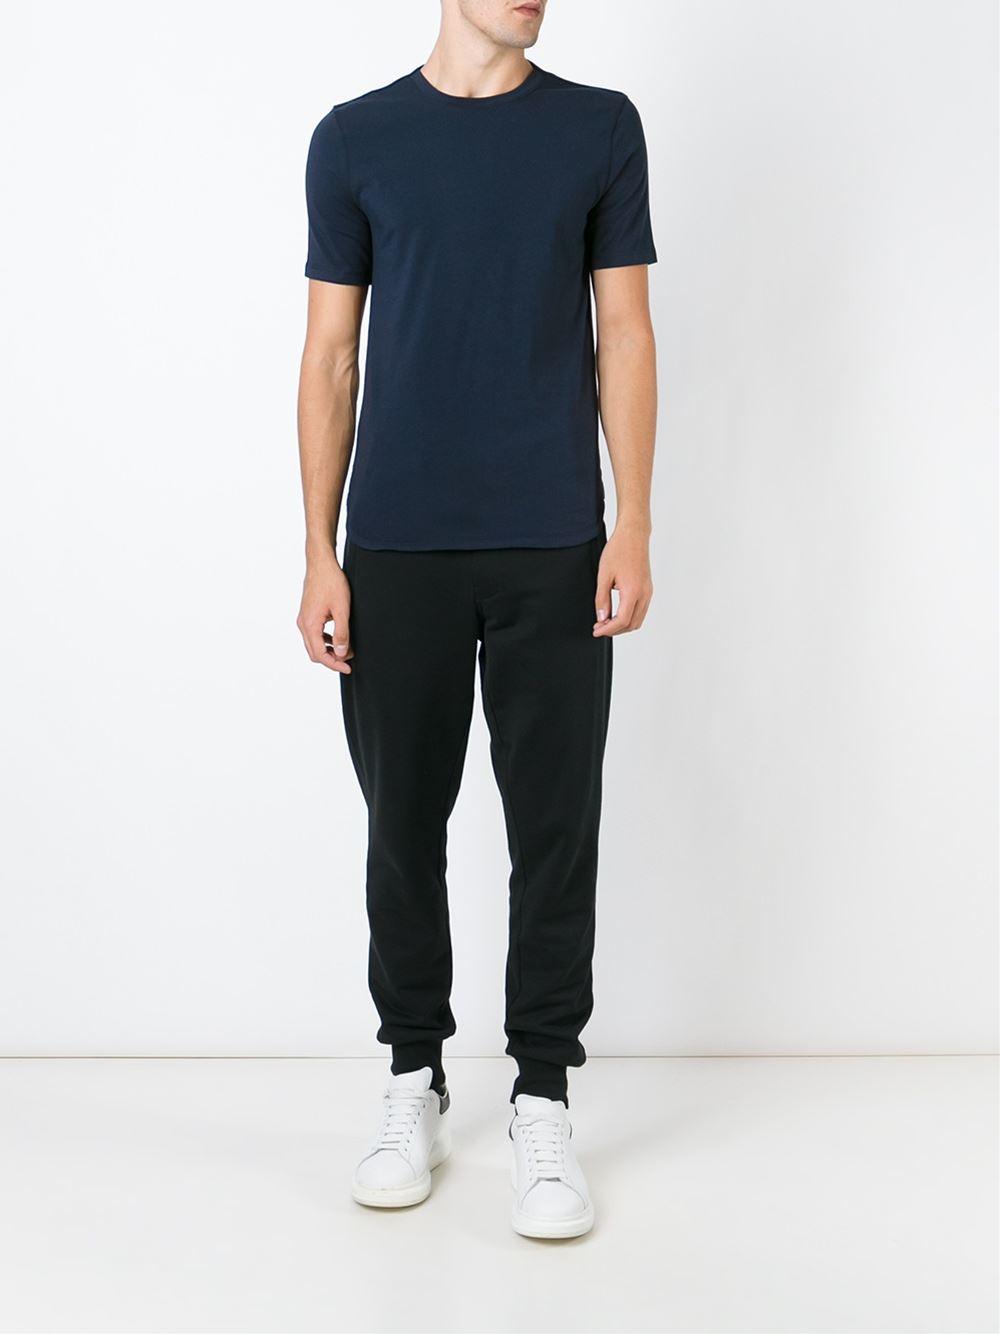 helmut lang round neck t shirt in blue for men lyst. Black Bedroom Furniture Sets. Home Design Ideas